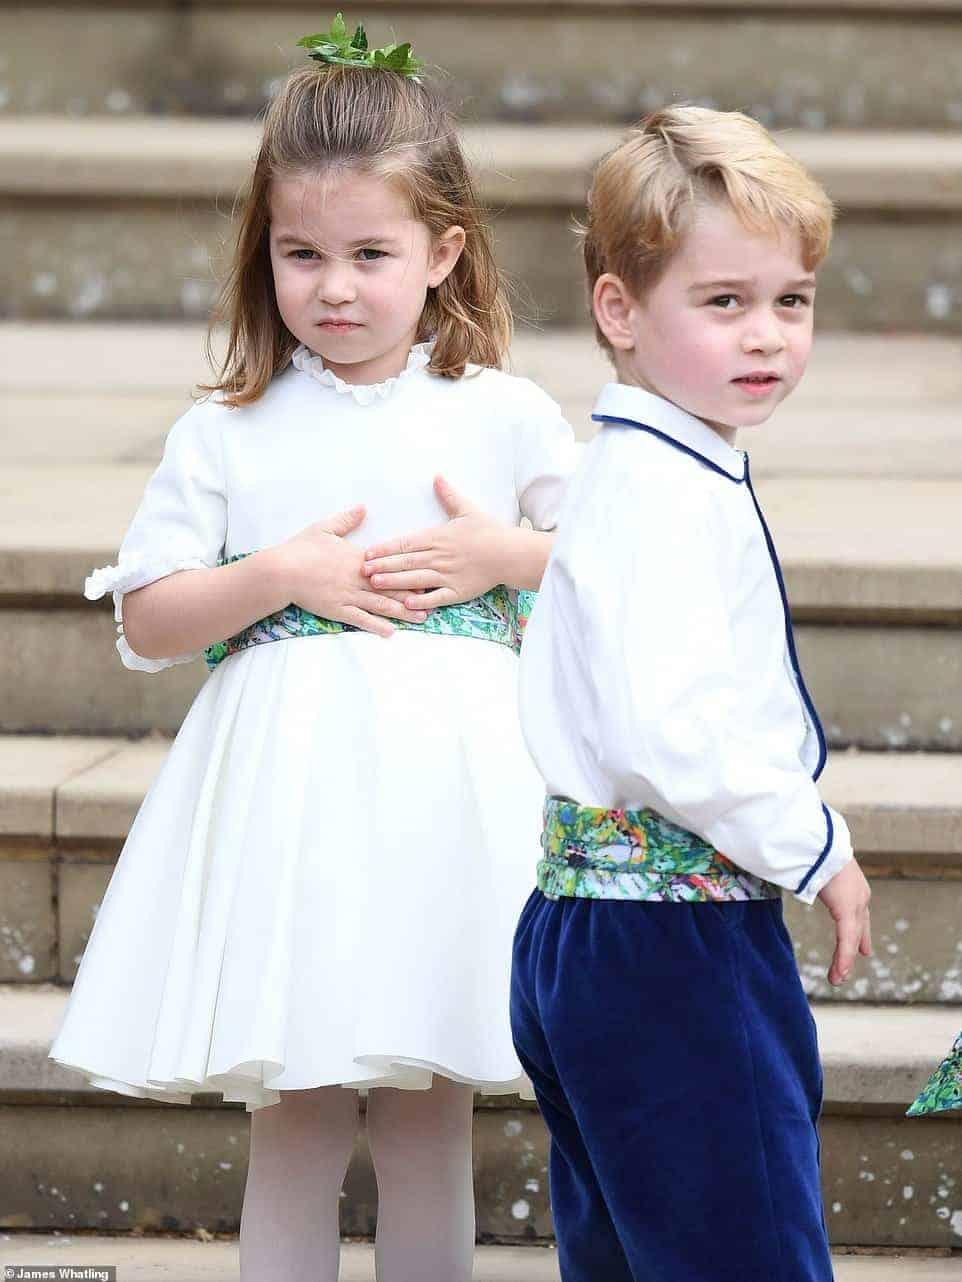 O pajem, príncipe George e a daminha princesa Charlotte estavam muitos fotos durante o casamento